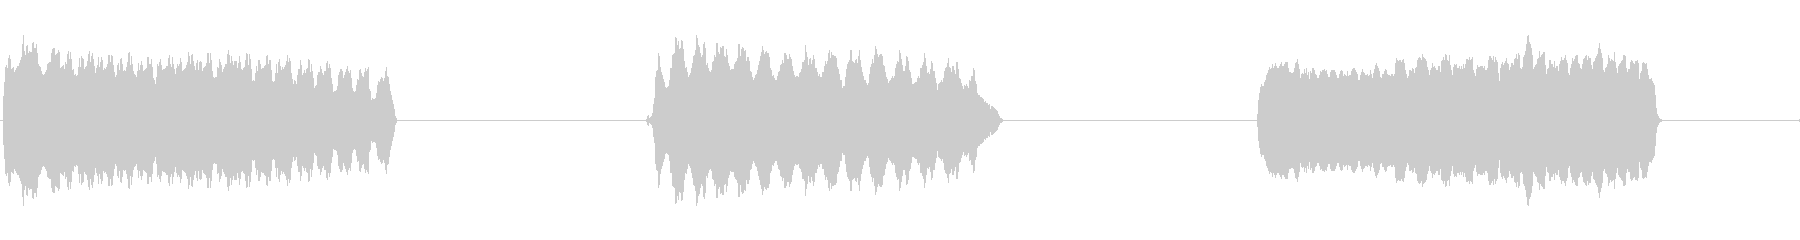 トーンシンセホイッスルウォブルファーストの未再生の波形